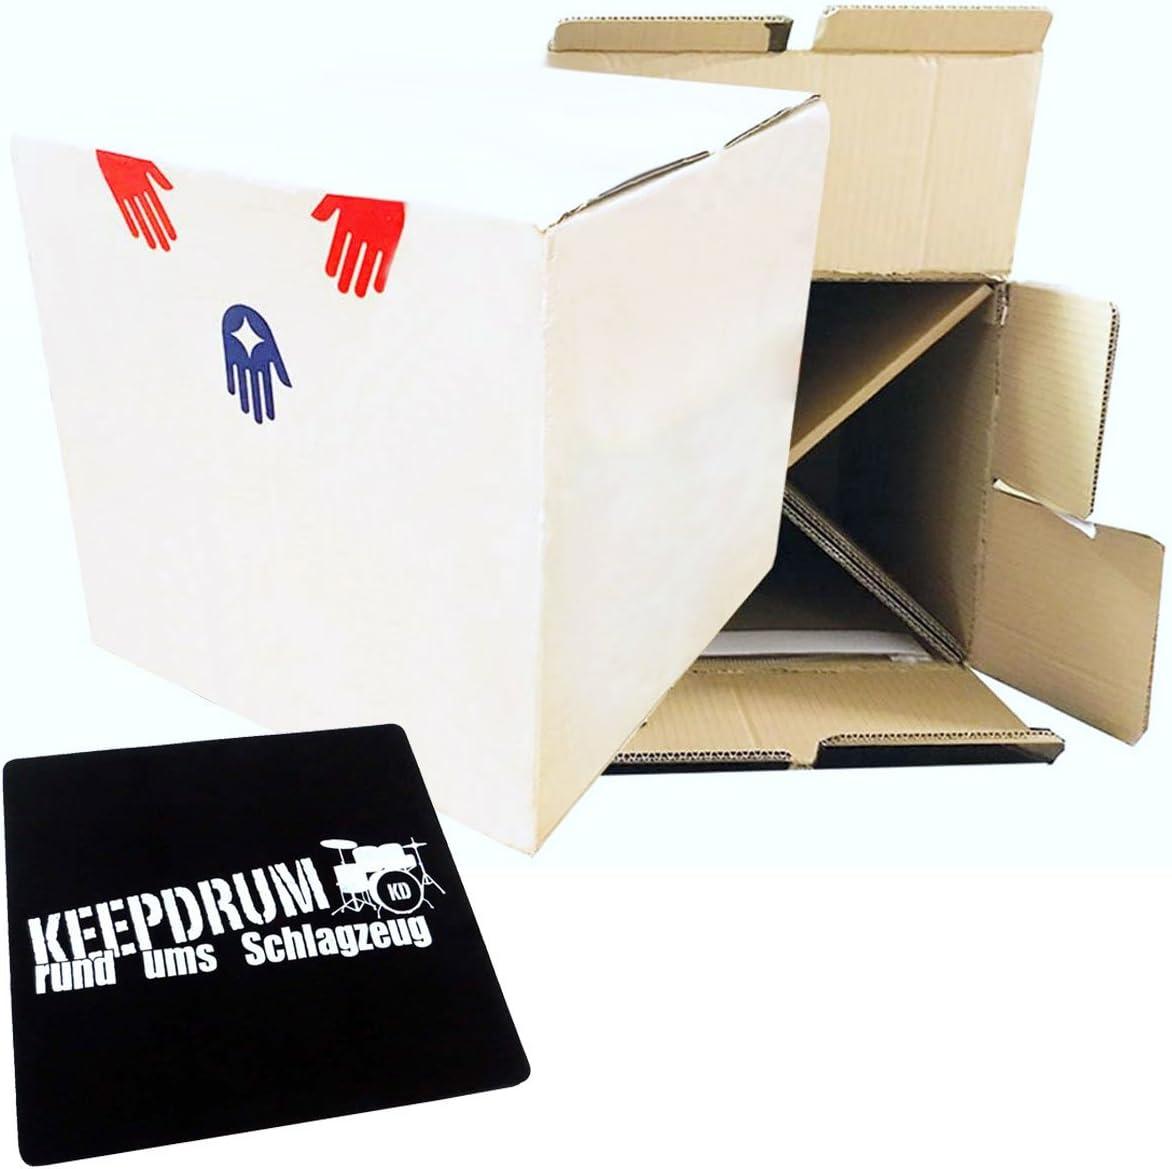 Baff Beat Caja de cartón la de cartón Niños cajón + Keepdrum sitzpad: Amazon.es: Instrumentos musicales